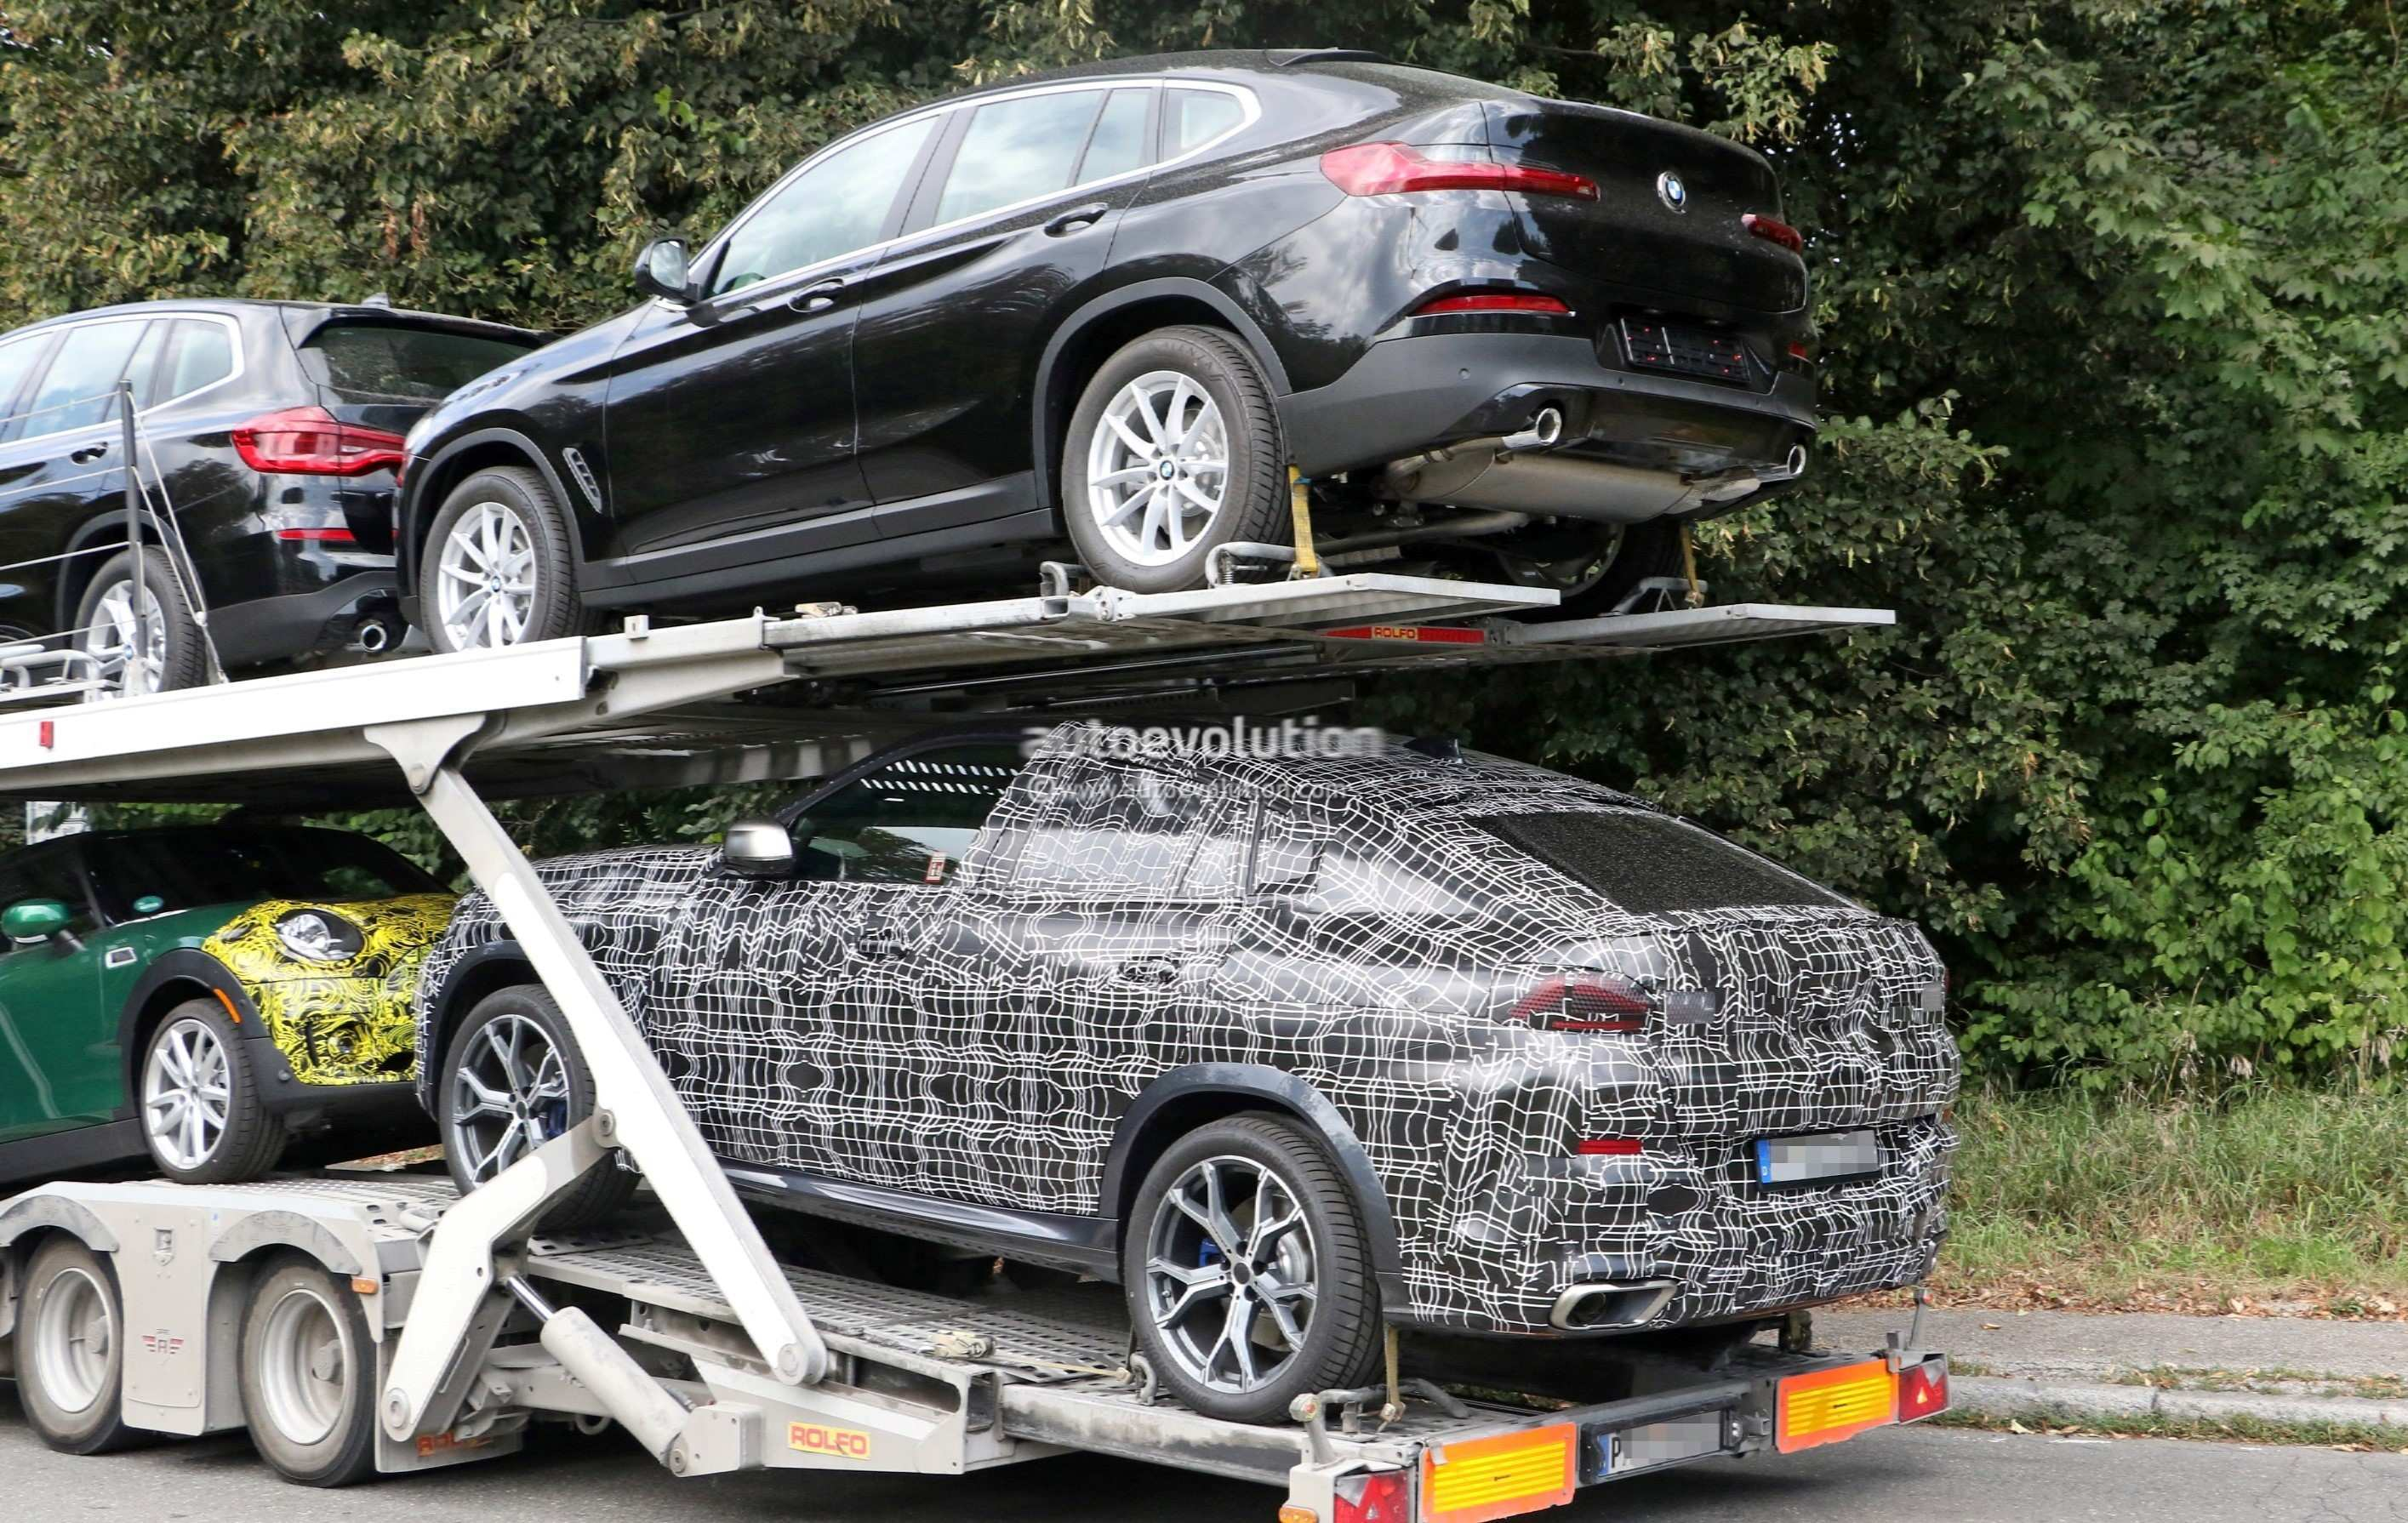 48 Great 2020 BMW X6 2020 Speed Test with 2020 BMW X6 2020